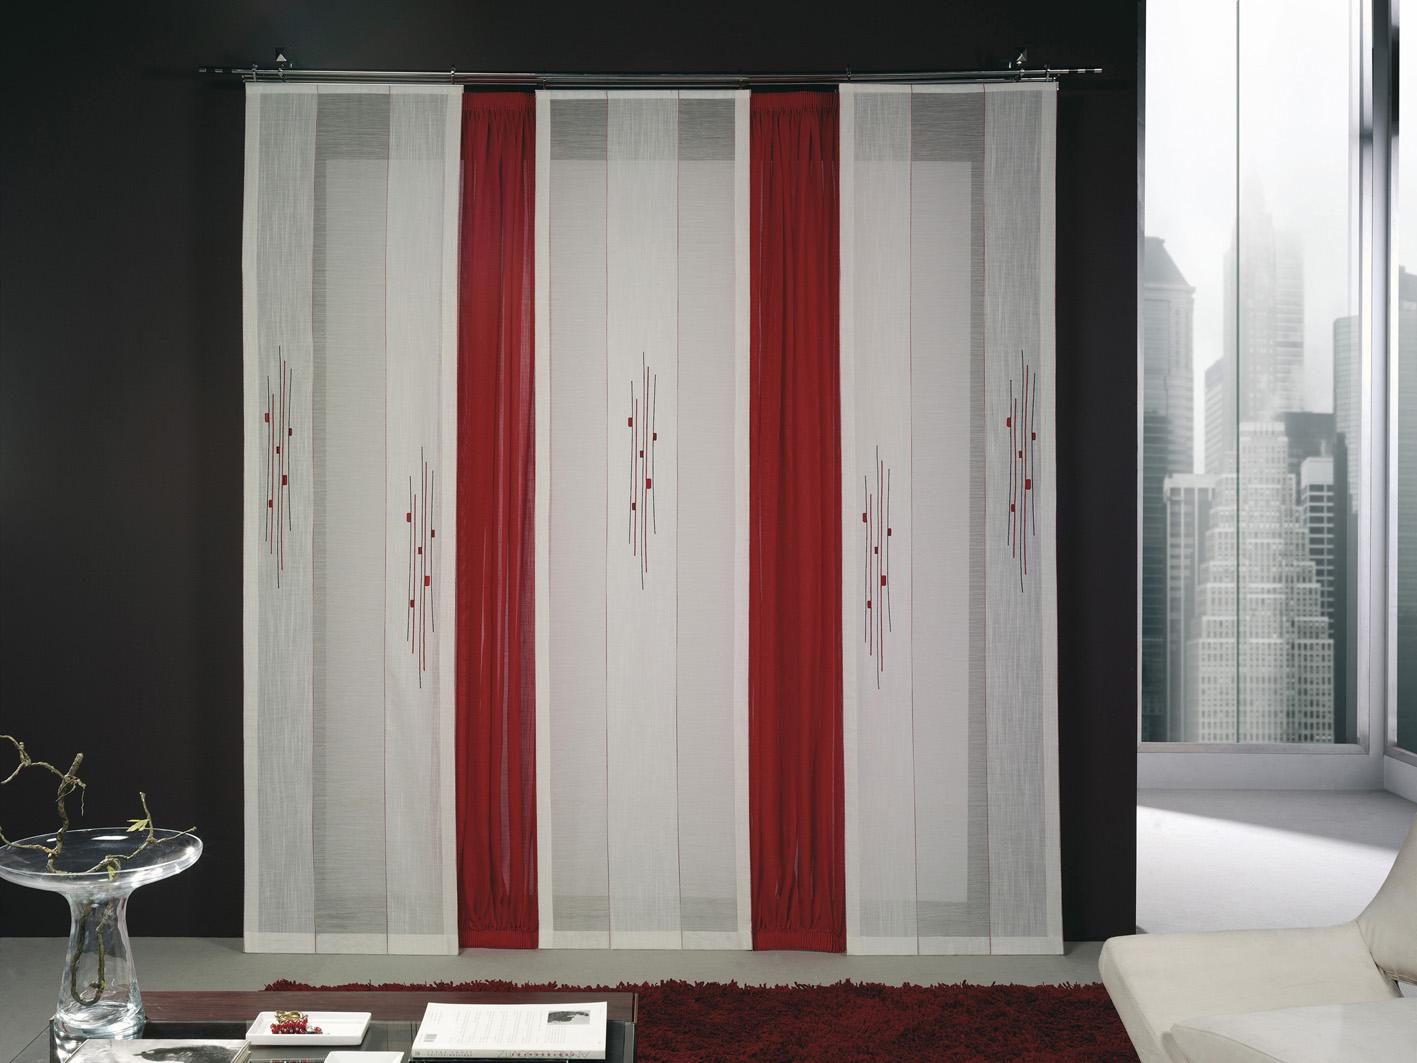 Paneles japoneses bordados cortinas manzanodecora - Cortinas de paneles japoneses ...